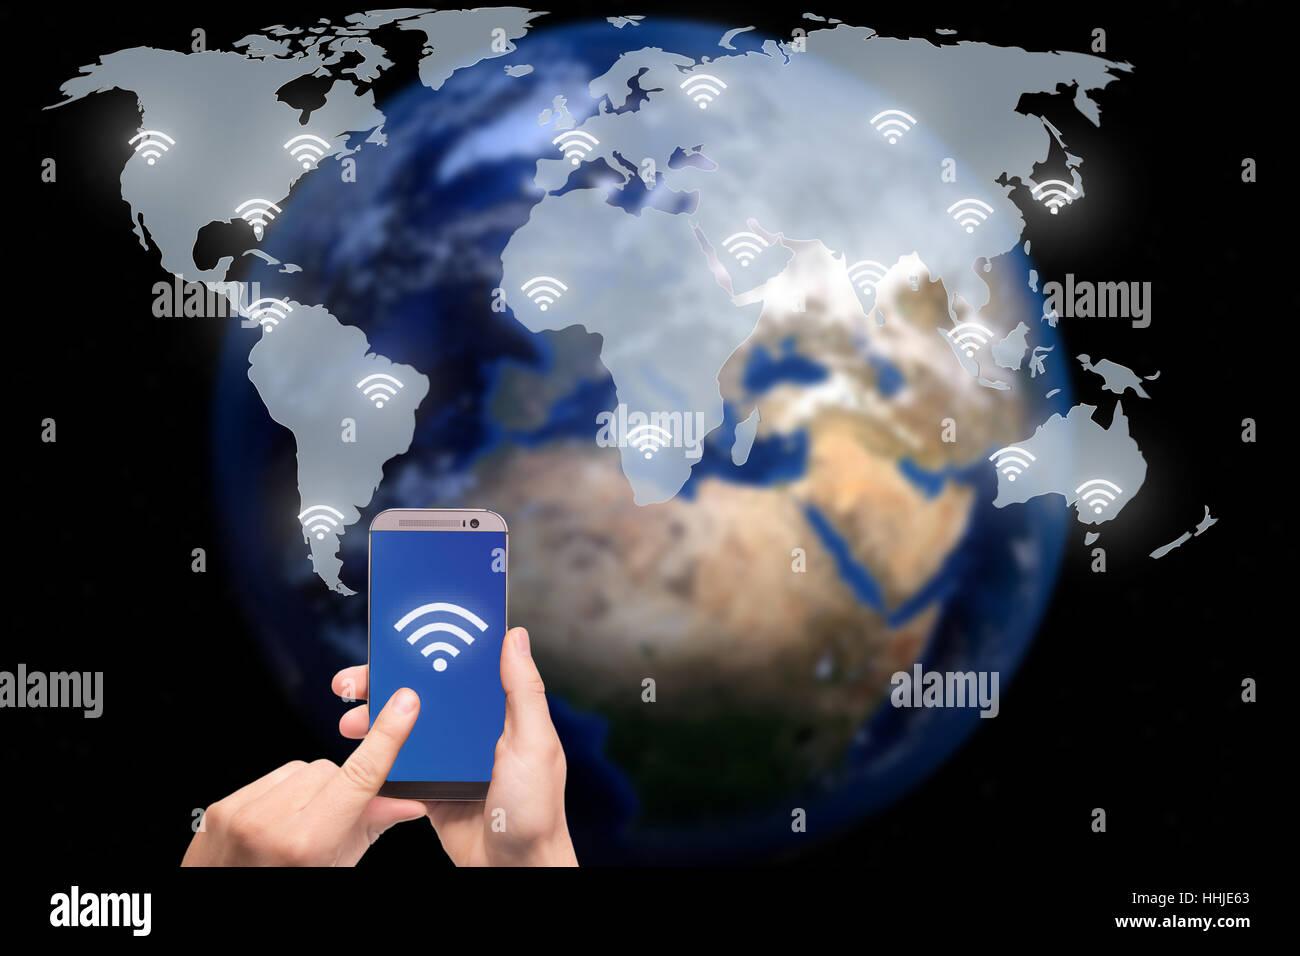 Mano azienda smart phone sulla mappa del mondo della rete wireless e la rete di comunicazione, immagine astratta Immagini Stock